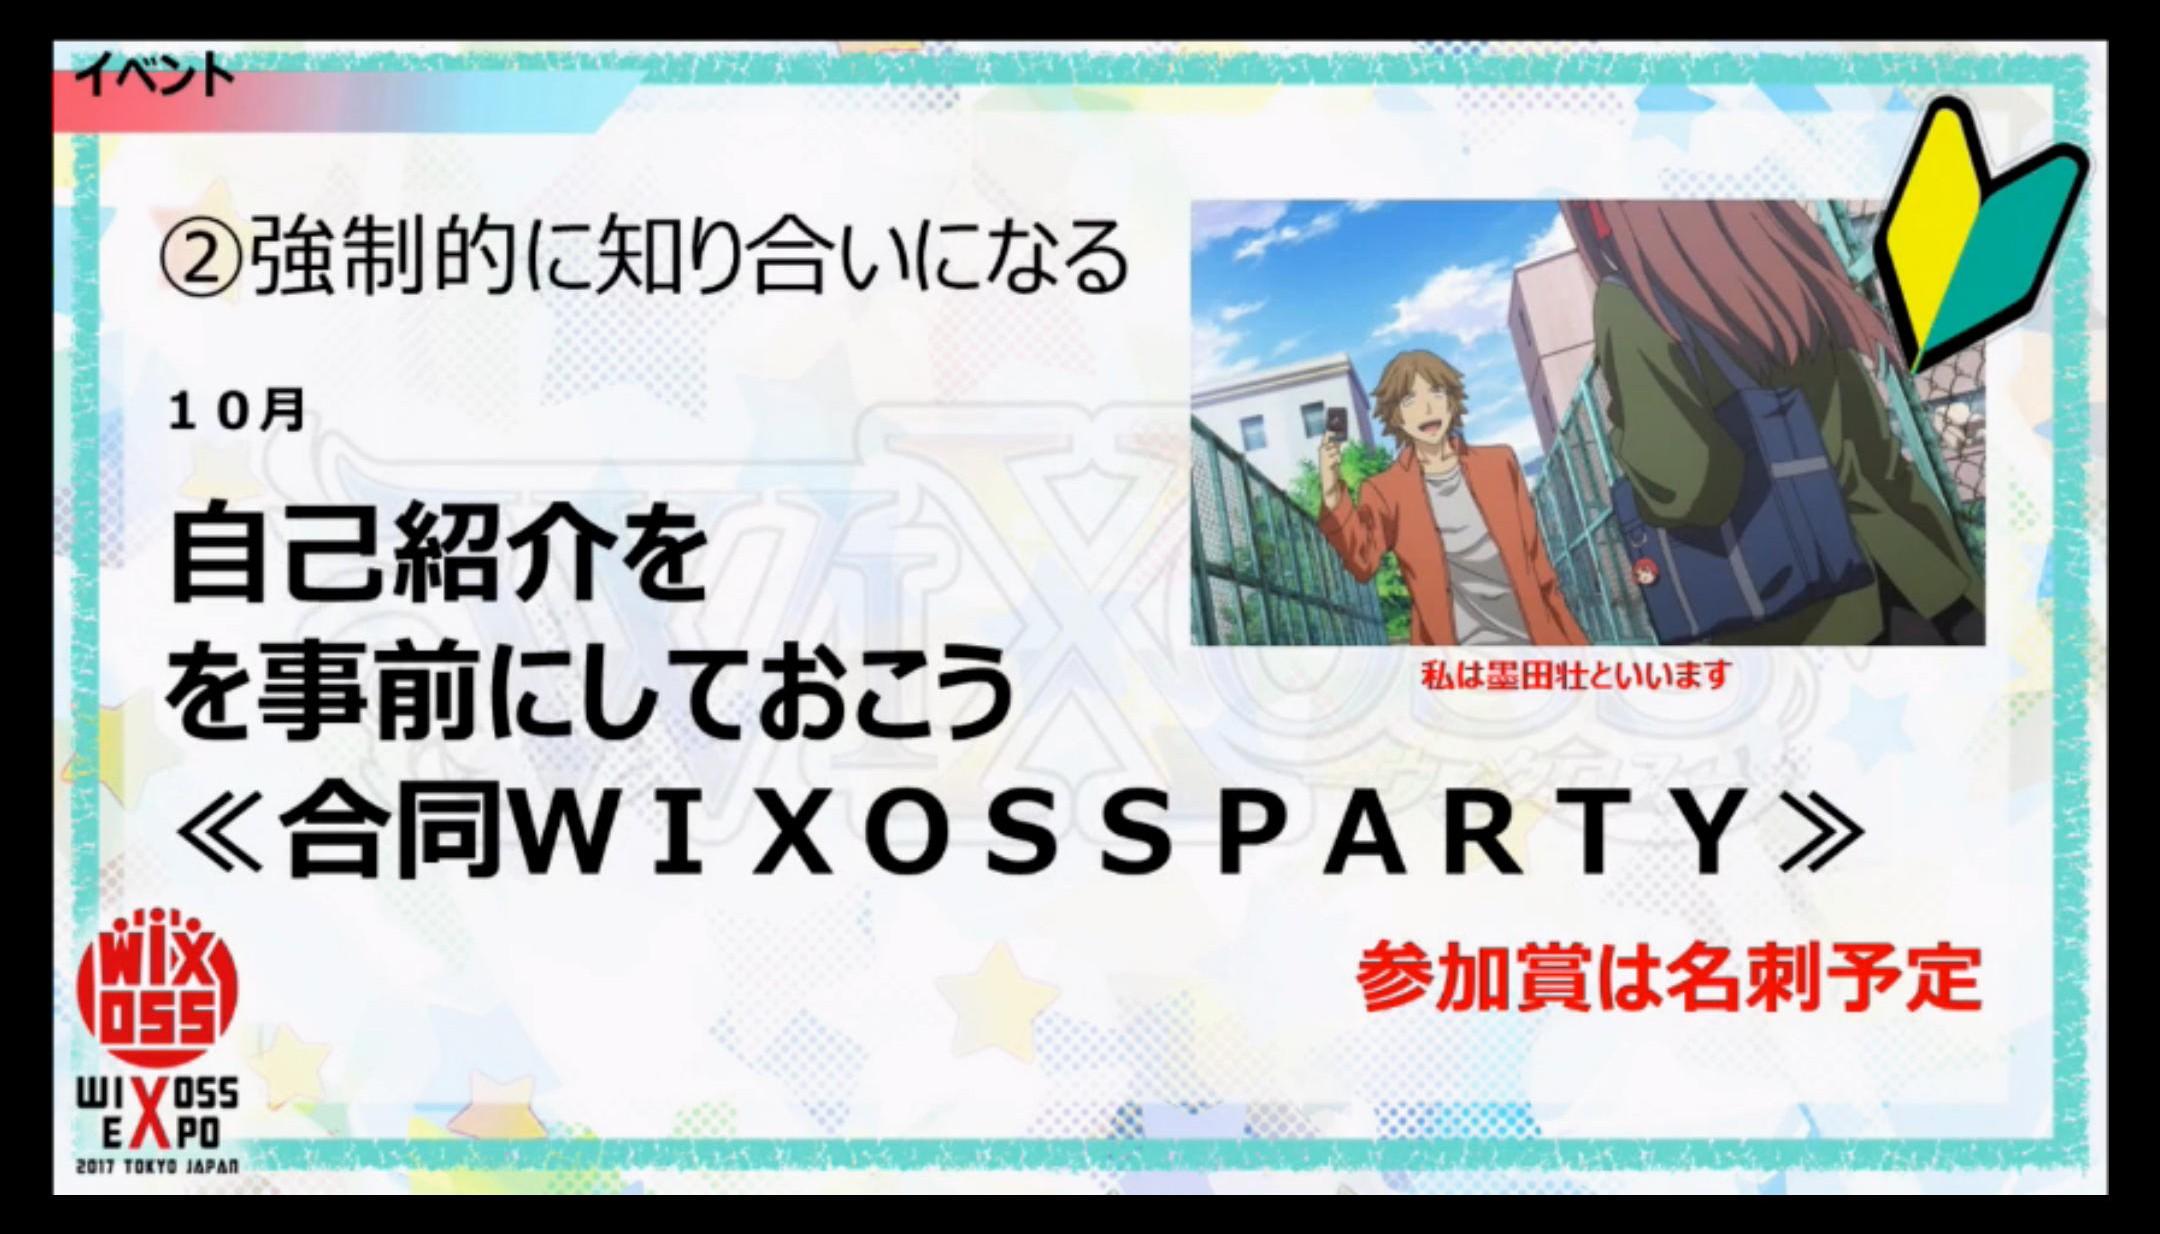 wx-live-170806-033.jpg